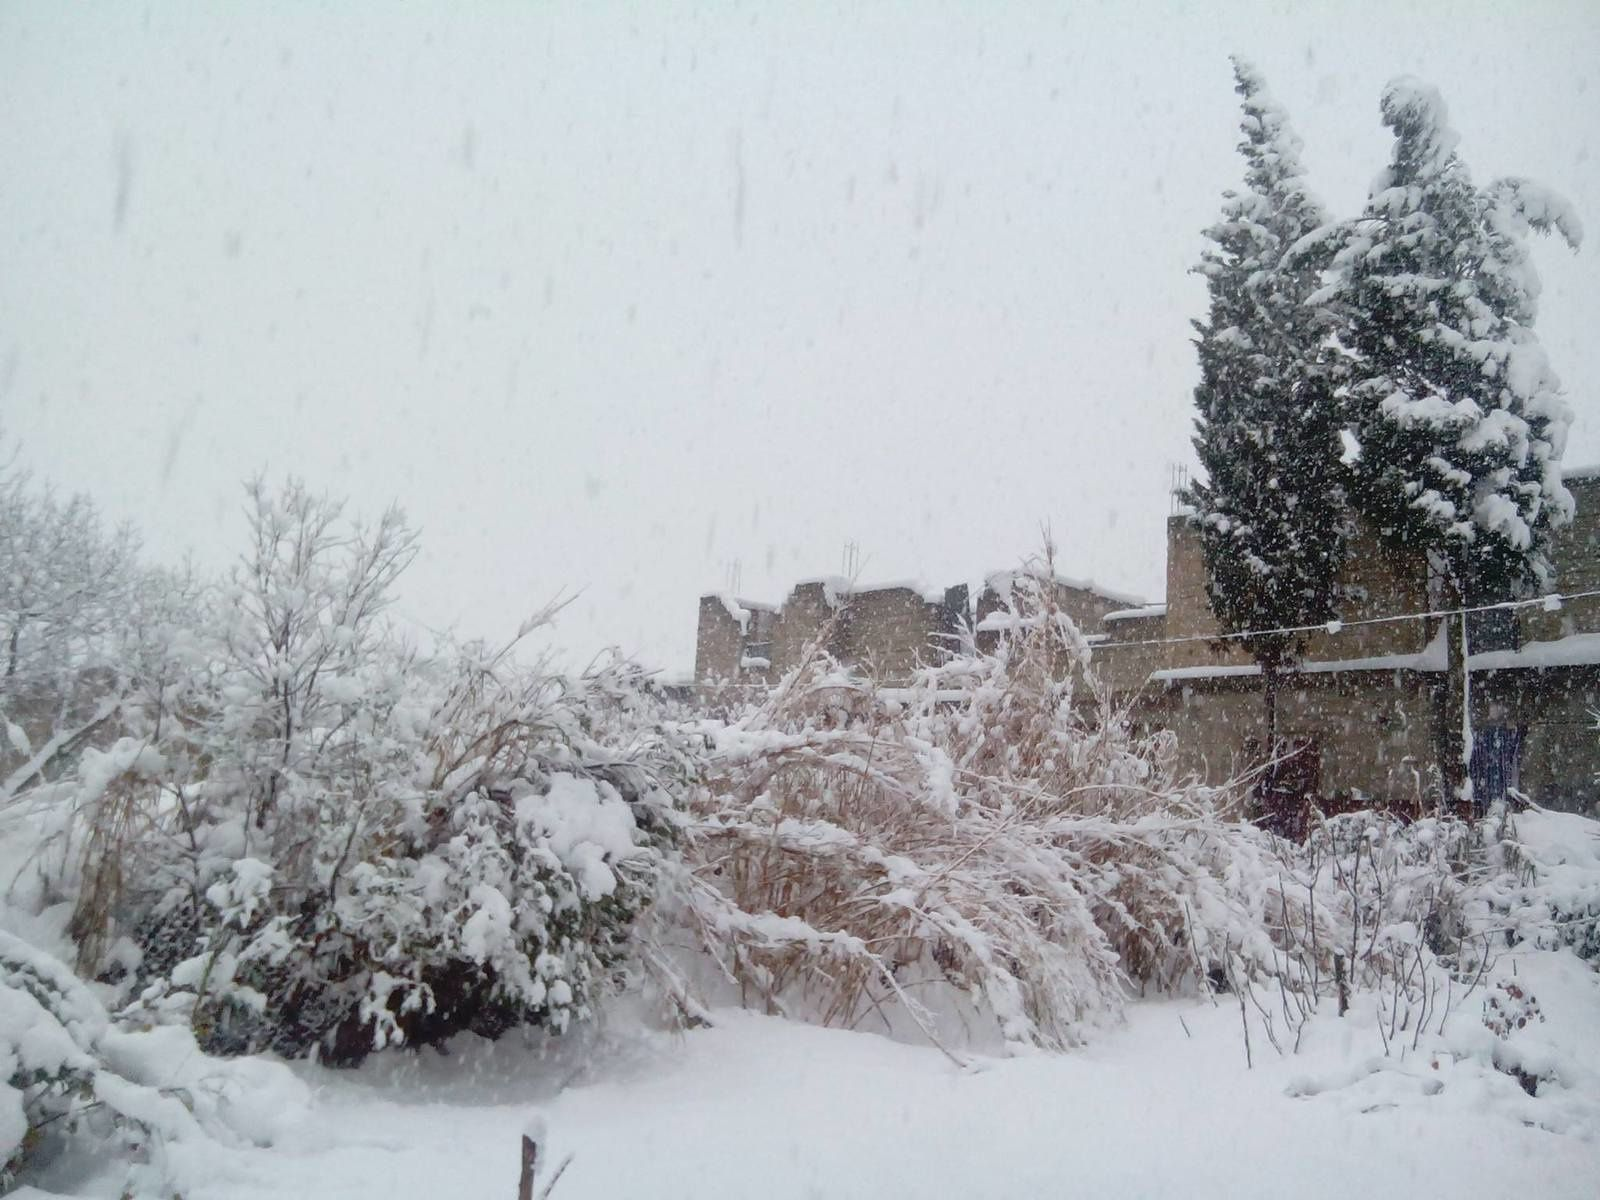 jolie neige. toutes ces images sont de notre amie Evelyne-Tingaud-Goutelard. native de cette belle ville, via un ami Algérien de Gambetta